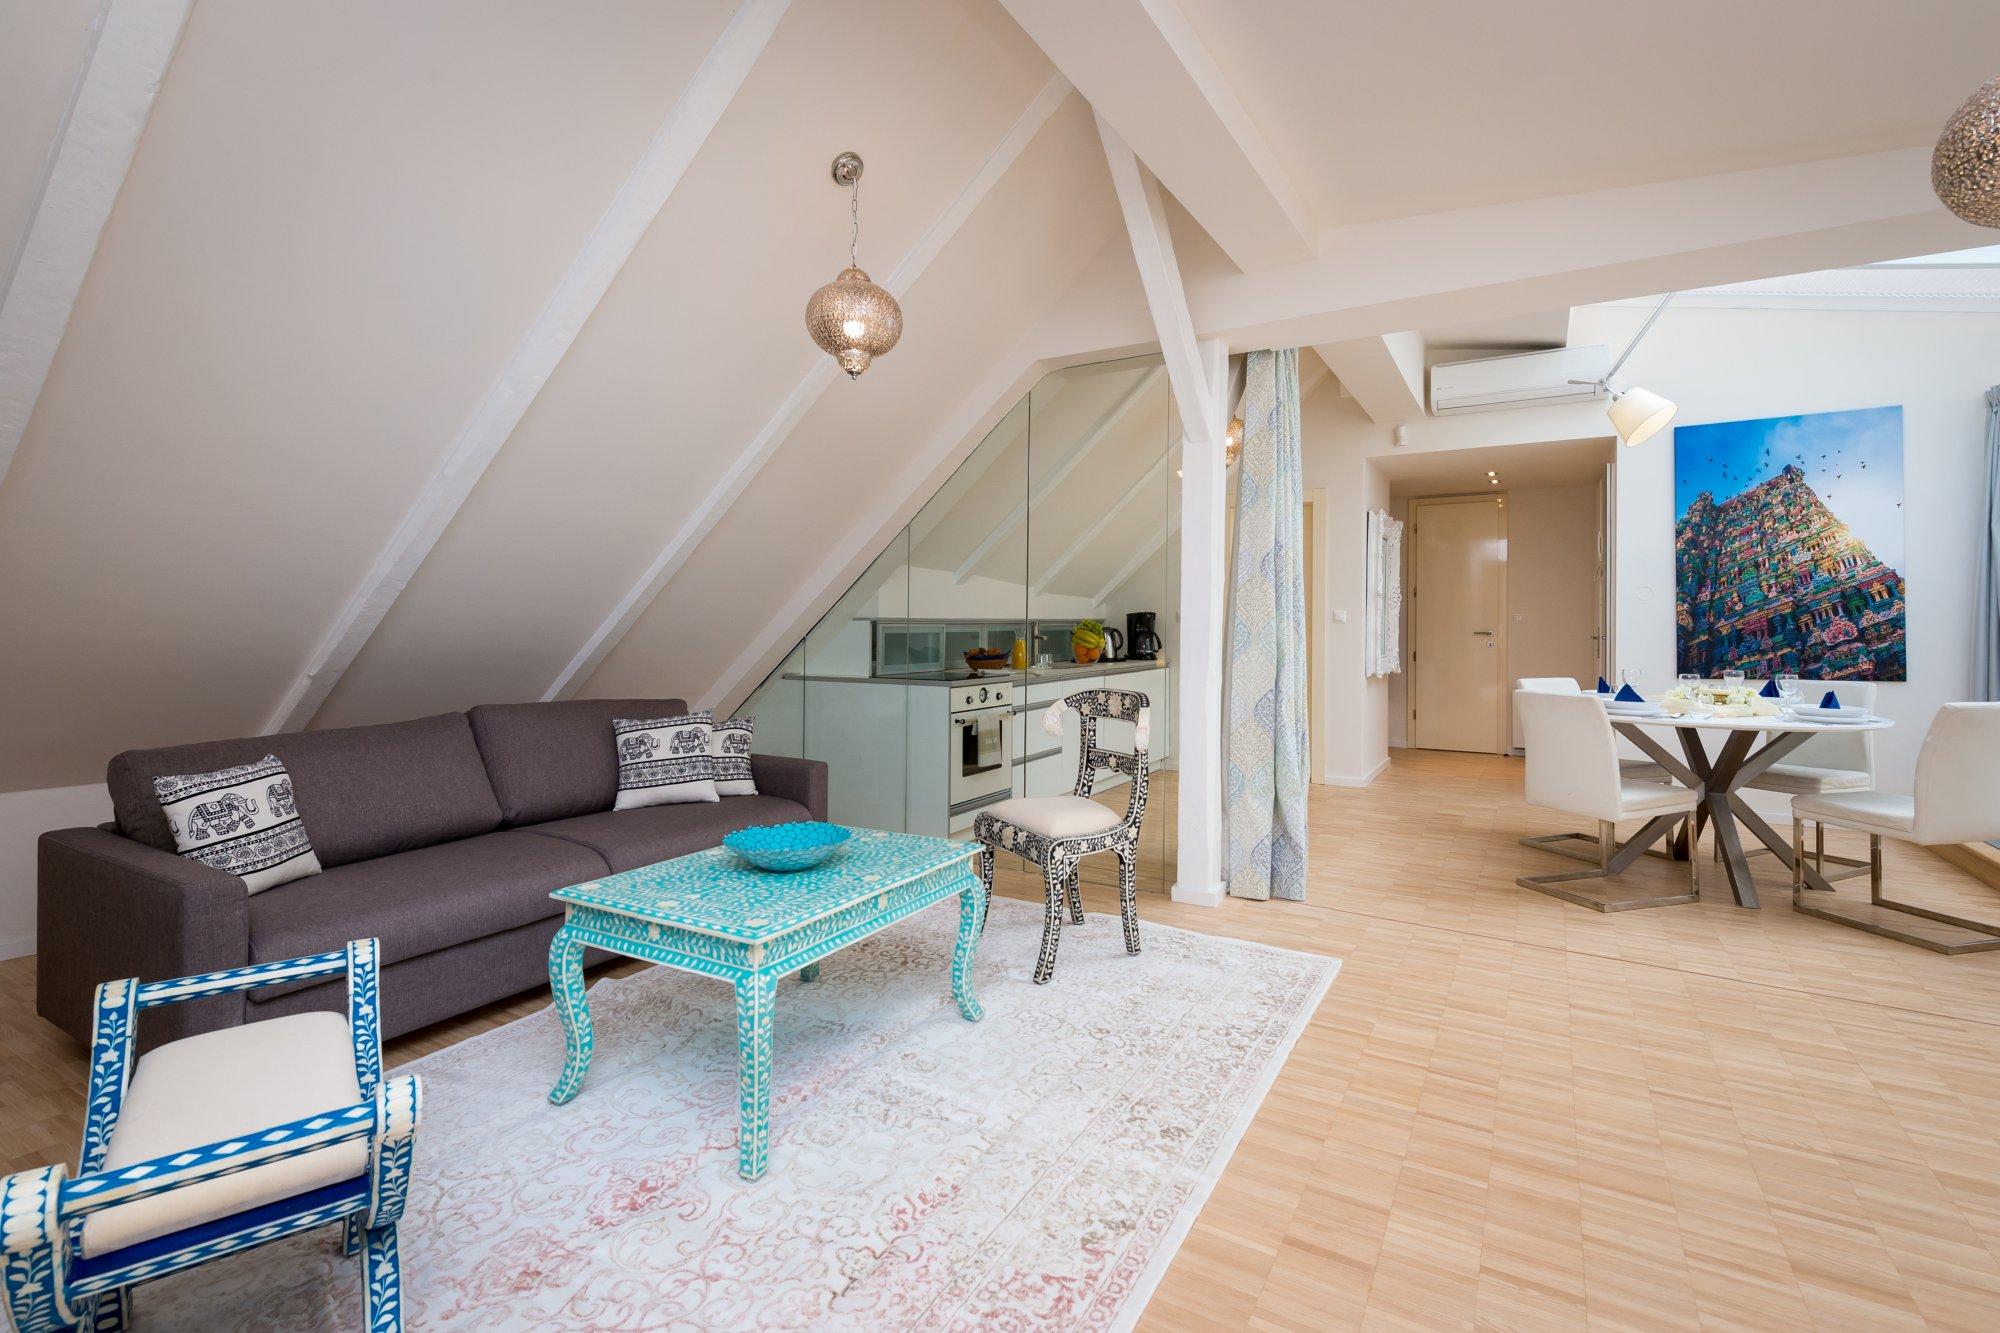 Půdní byt 2+kk, plocha 108 m², ulice Jilská, Praha 1 - Staré Město | 1